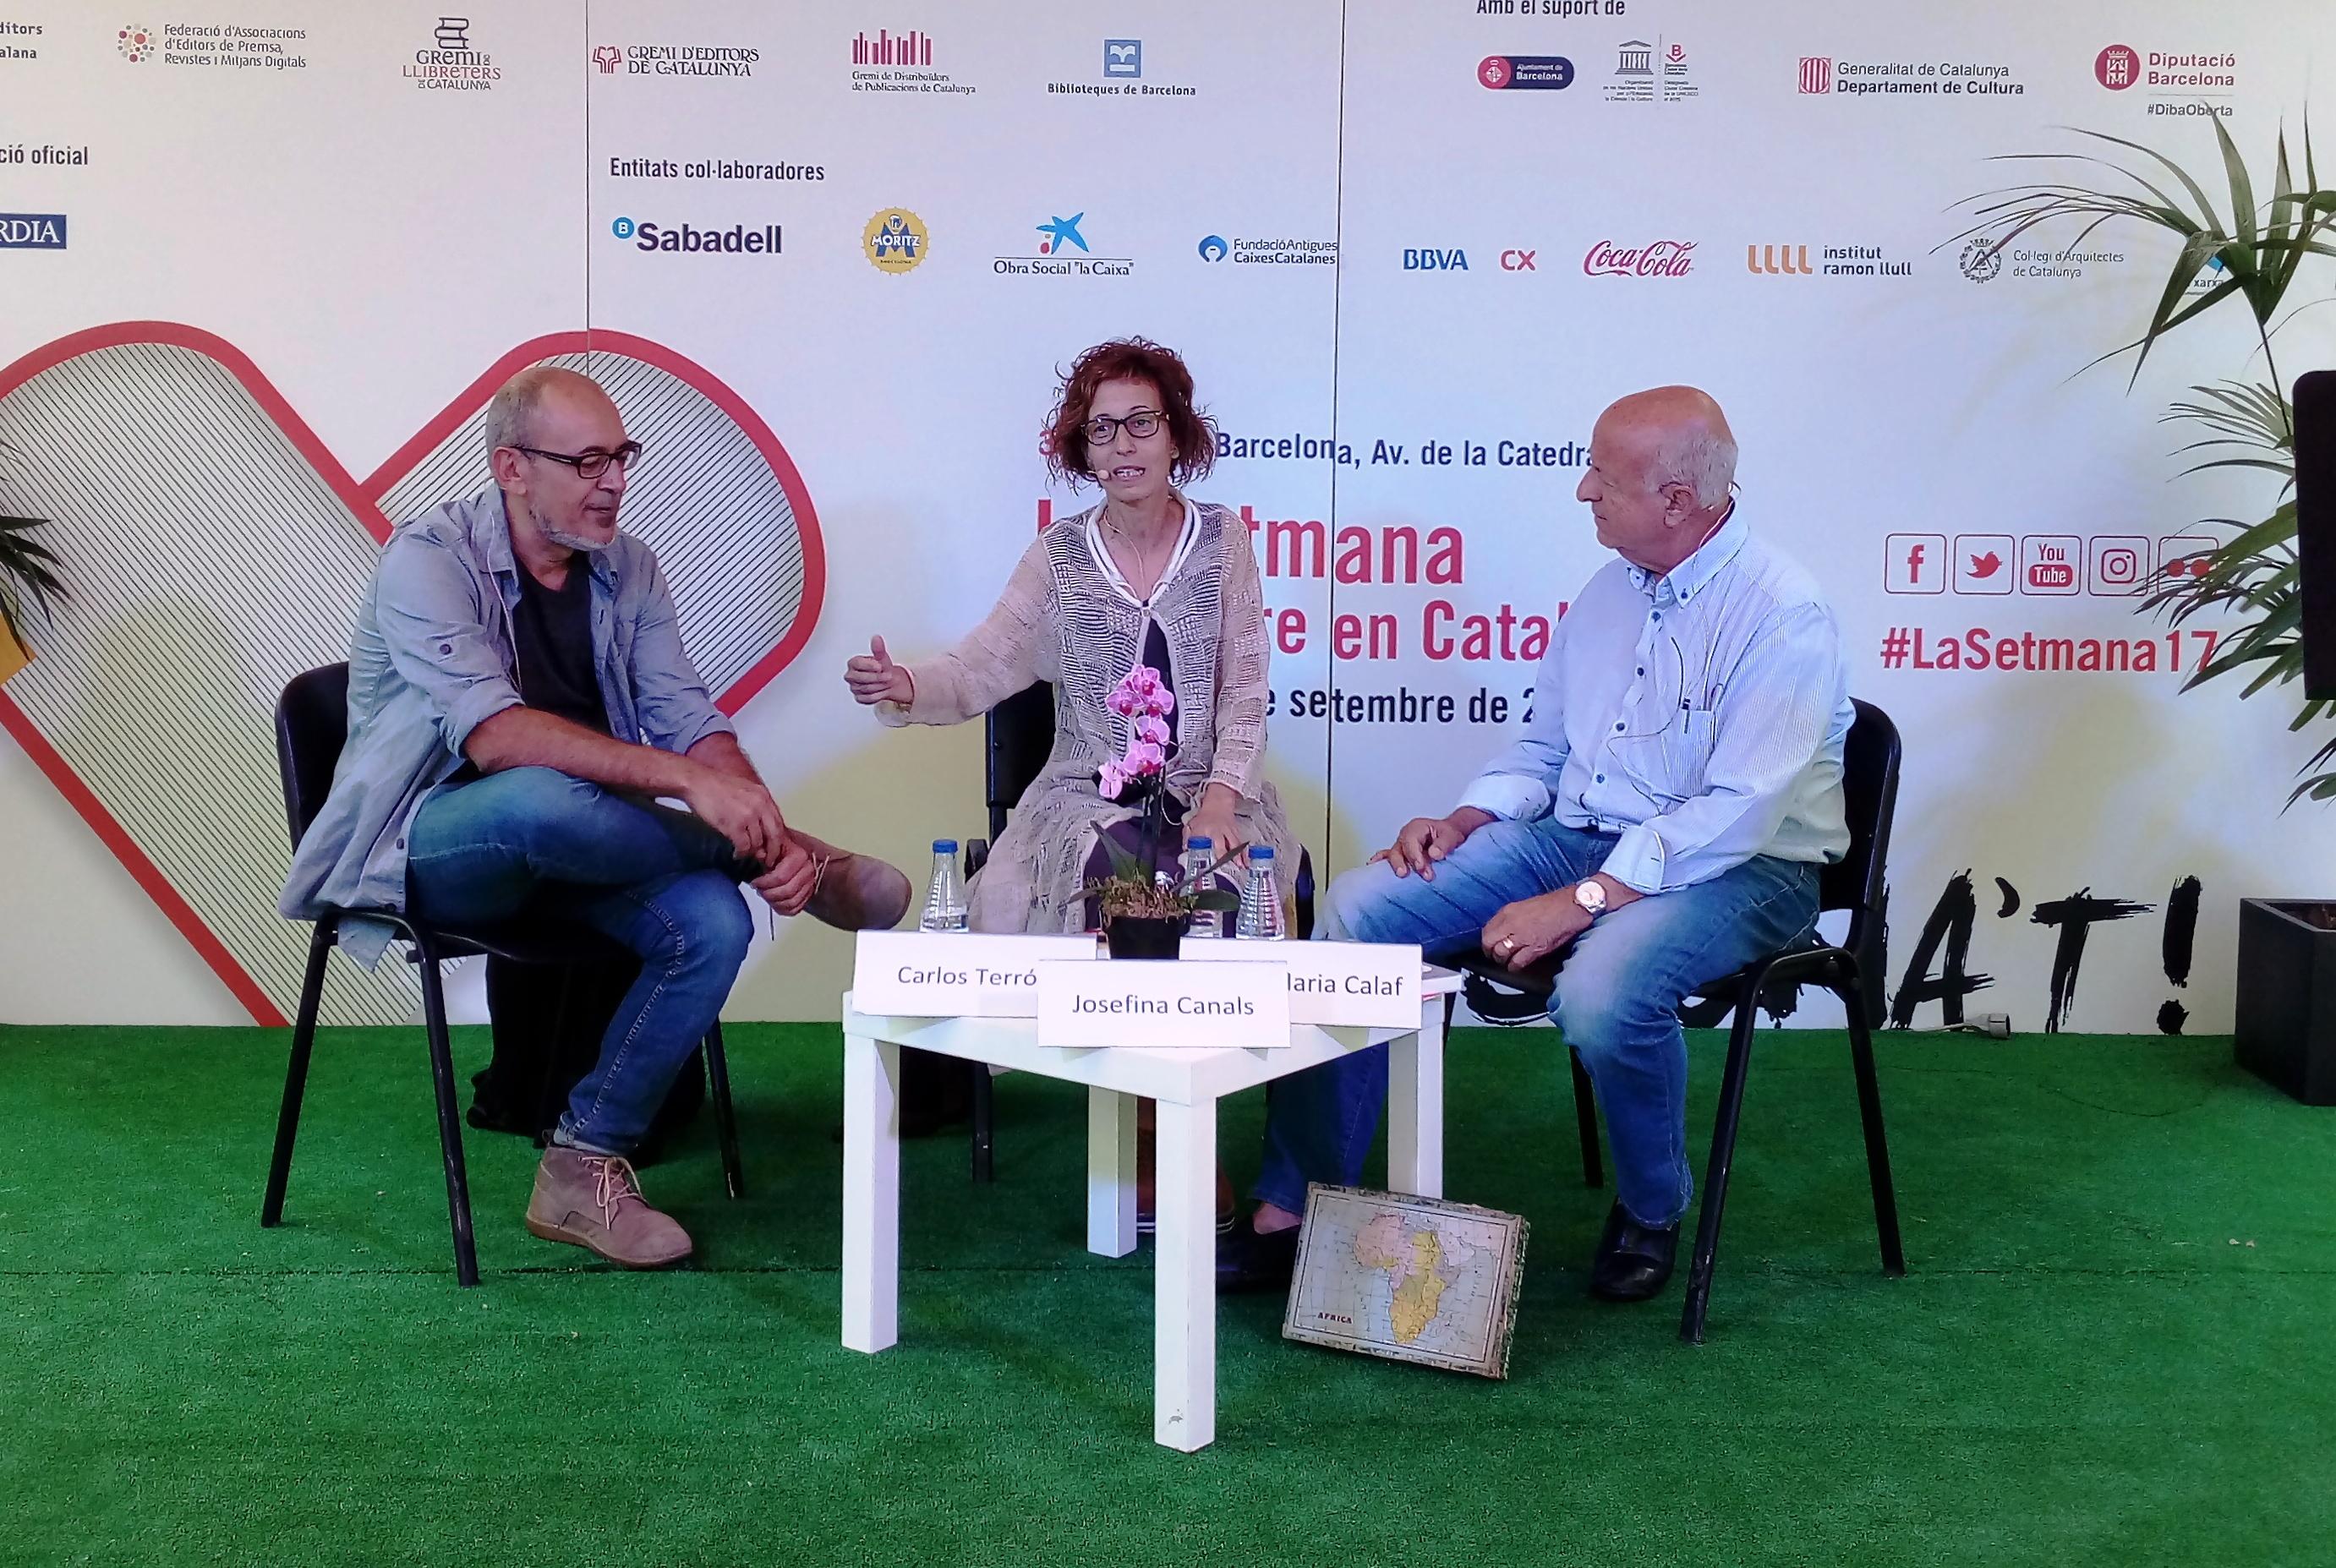 Guanyadors dels premis Vila de Martorell 2016, a la 35a Setmana del Llibre en Català